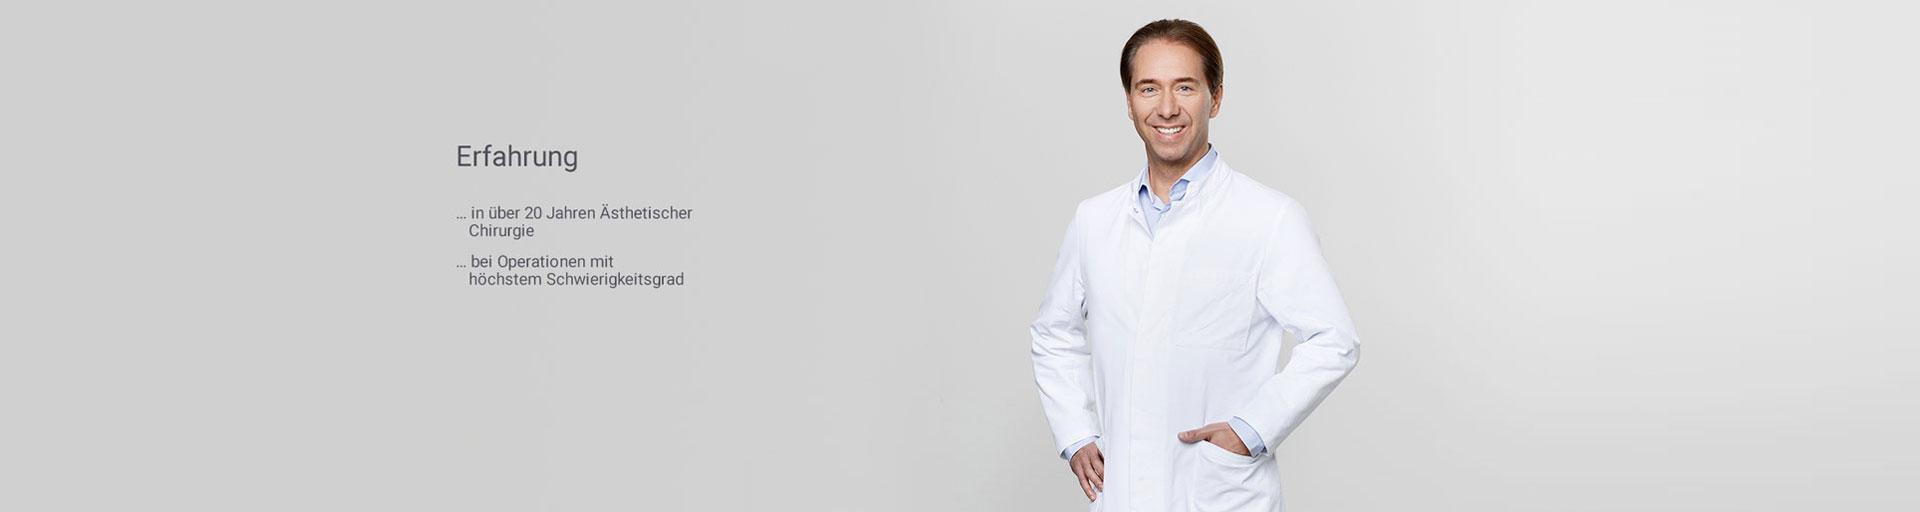 Ästhetische Chirurgie Frankfurt - Praxis Dr. med. Holle und Kollegen